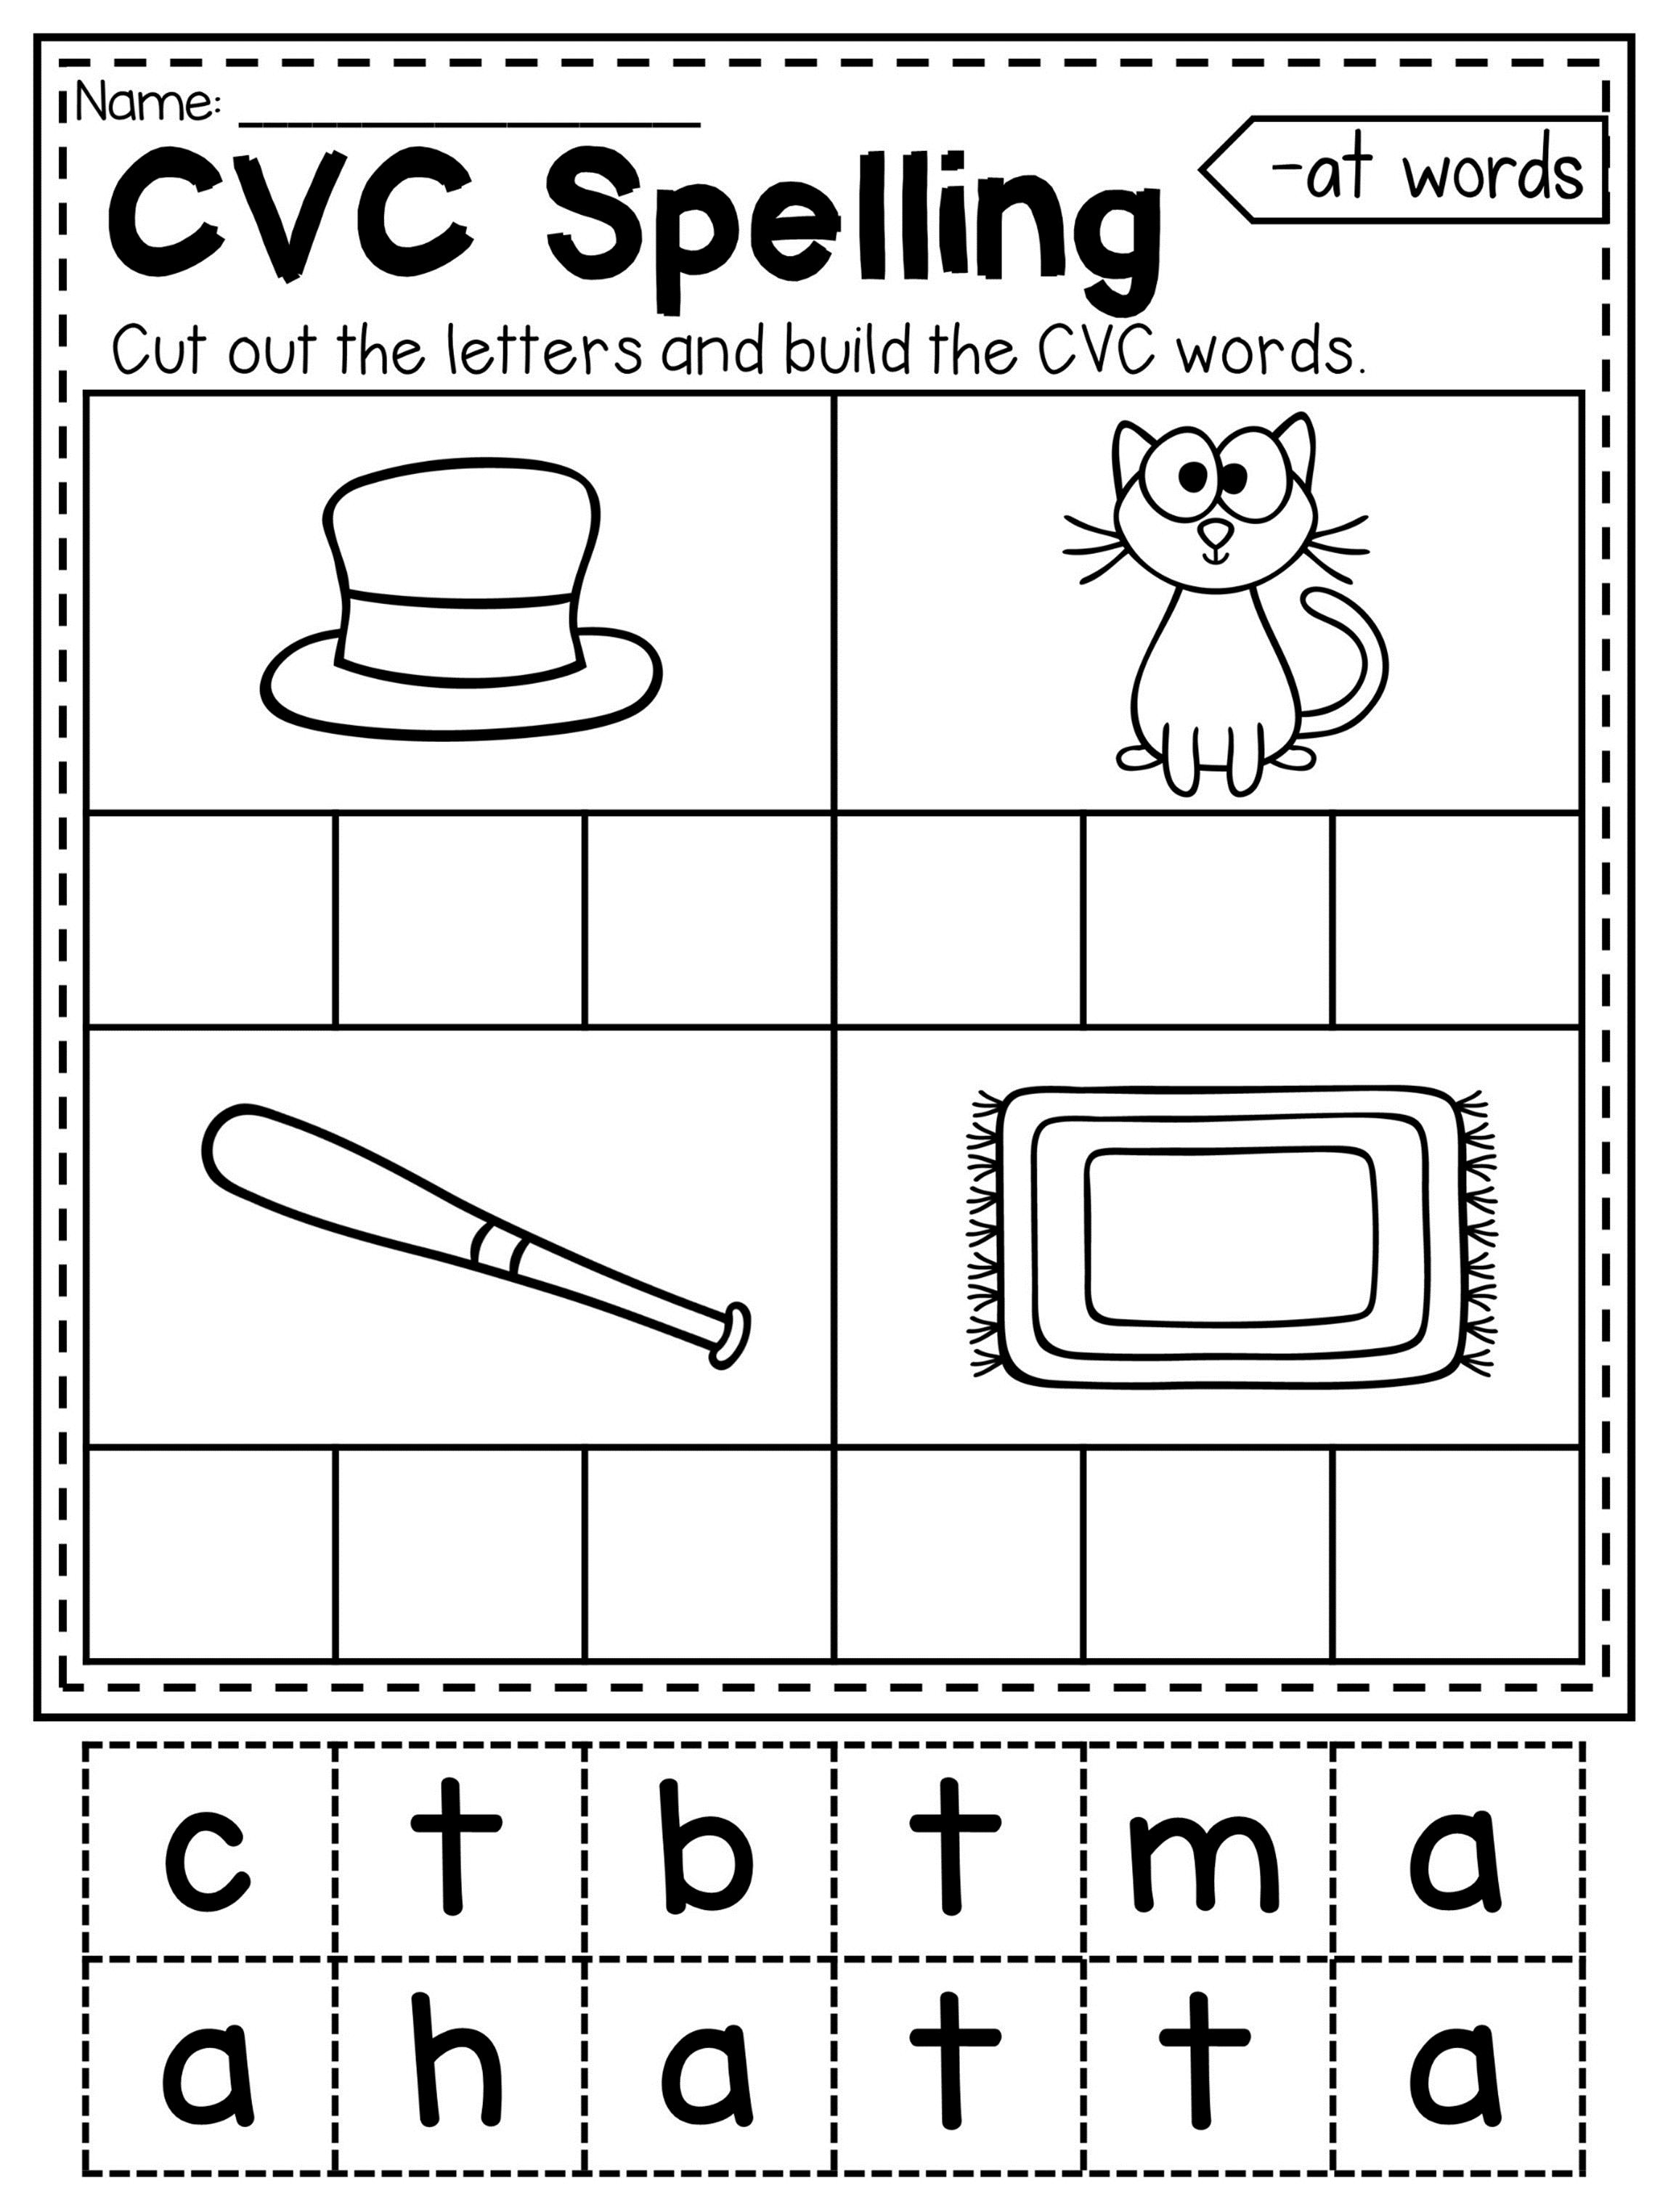 Mega Cvc Worksheet Pack Pre K Kindergarten My Tpt Store